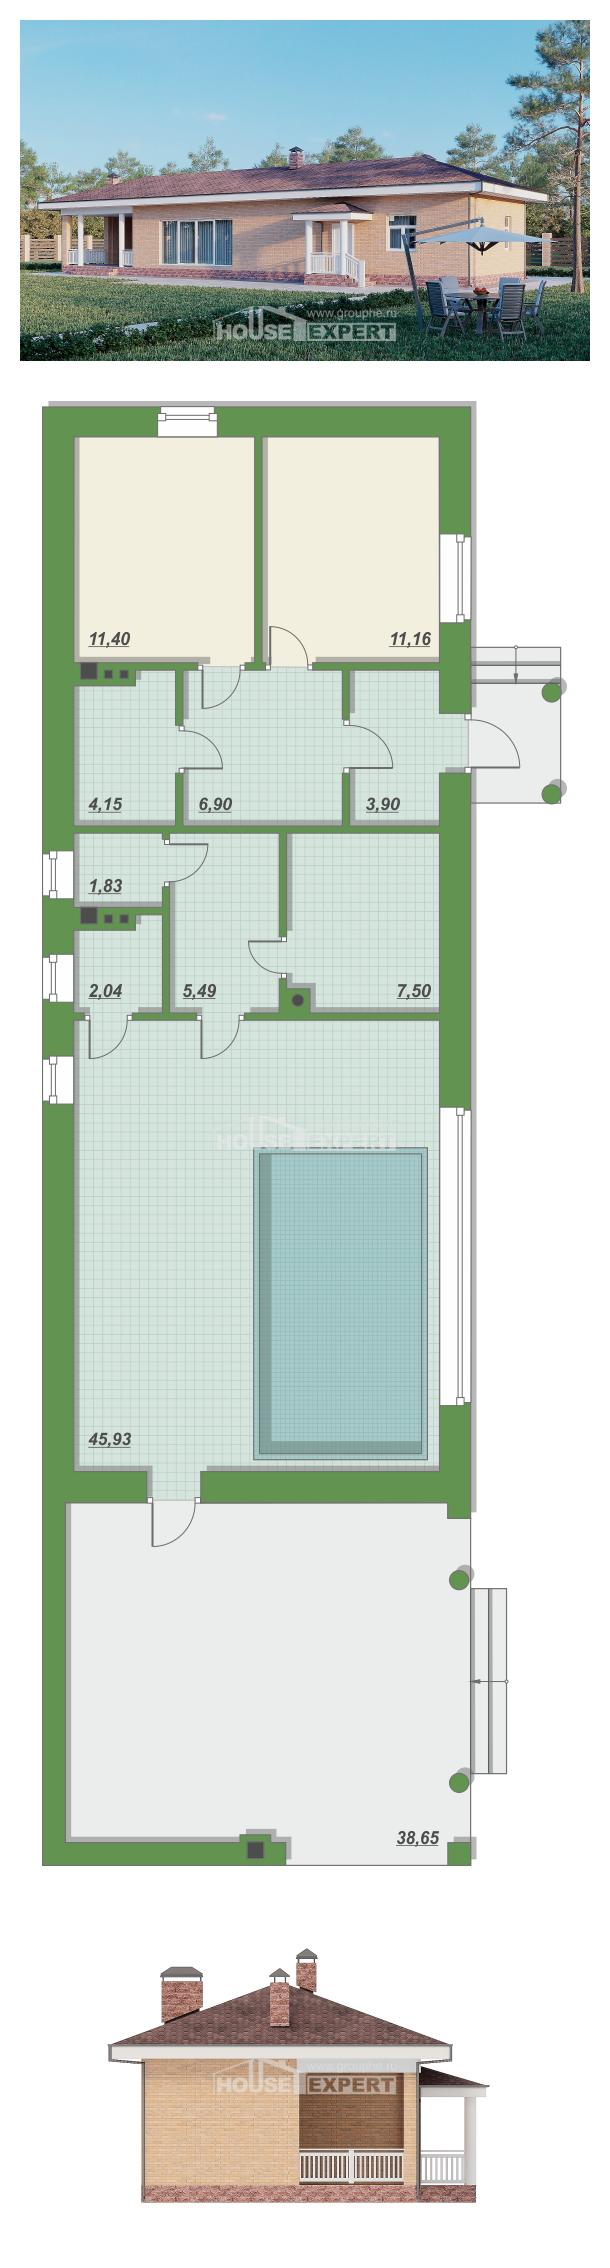 房子的设计 110-006-L | House Expert